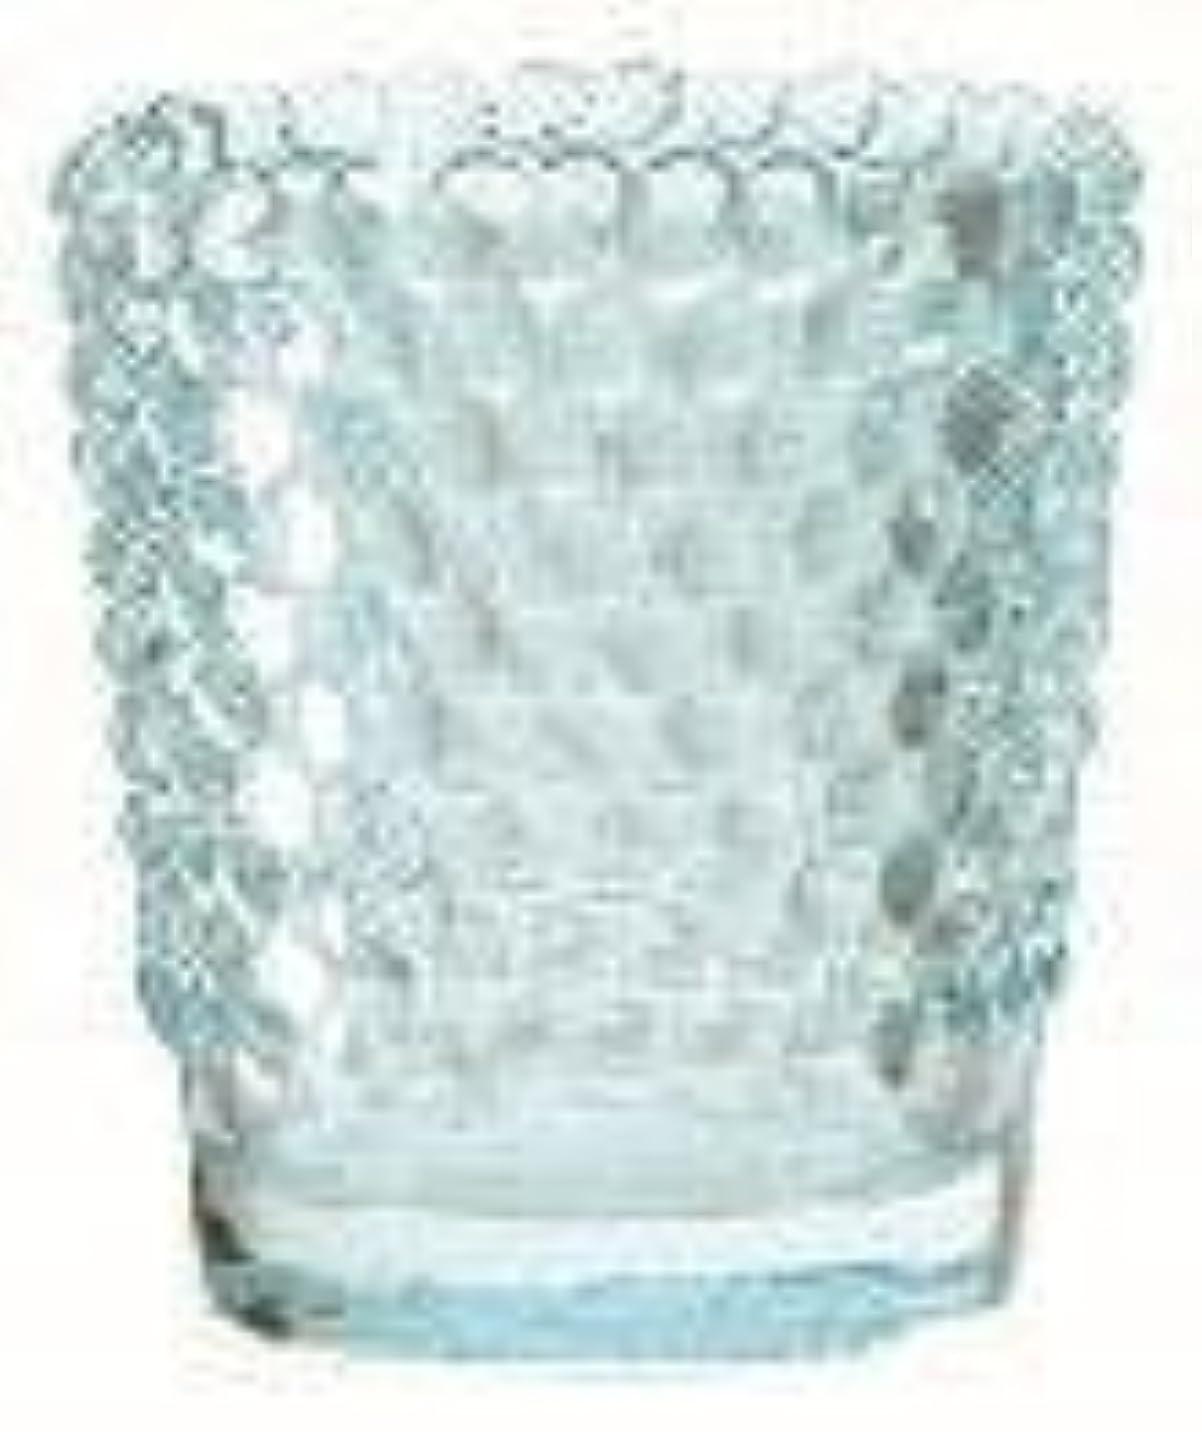 迷路シュリンク補助カメヤマキャンドル(kameyama candle) ホビネルグラス 「 サファイア 」6個セット